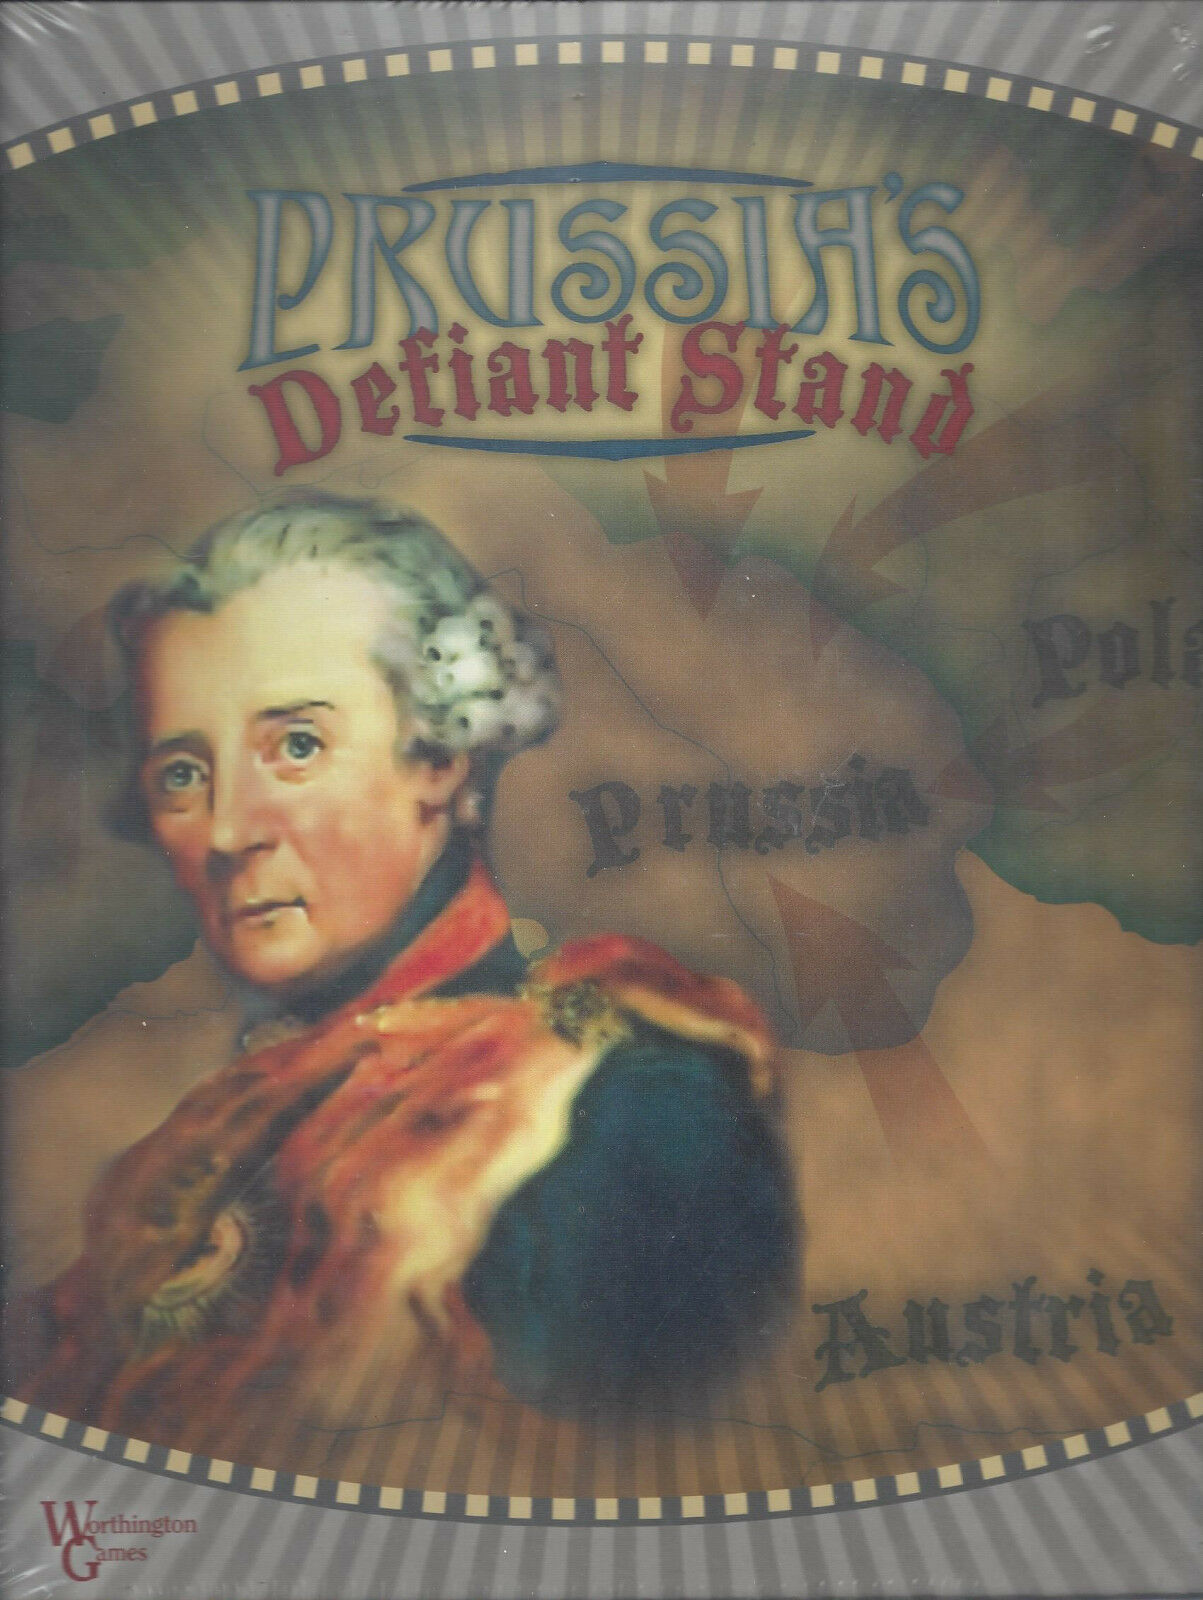 Prussia ' s Defiant Ste tavolagioco nuovo SEAED OOP Worthington giocos